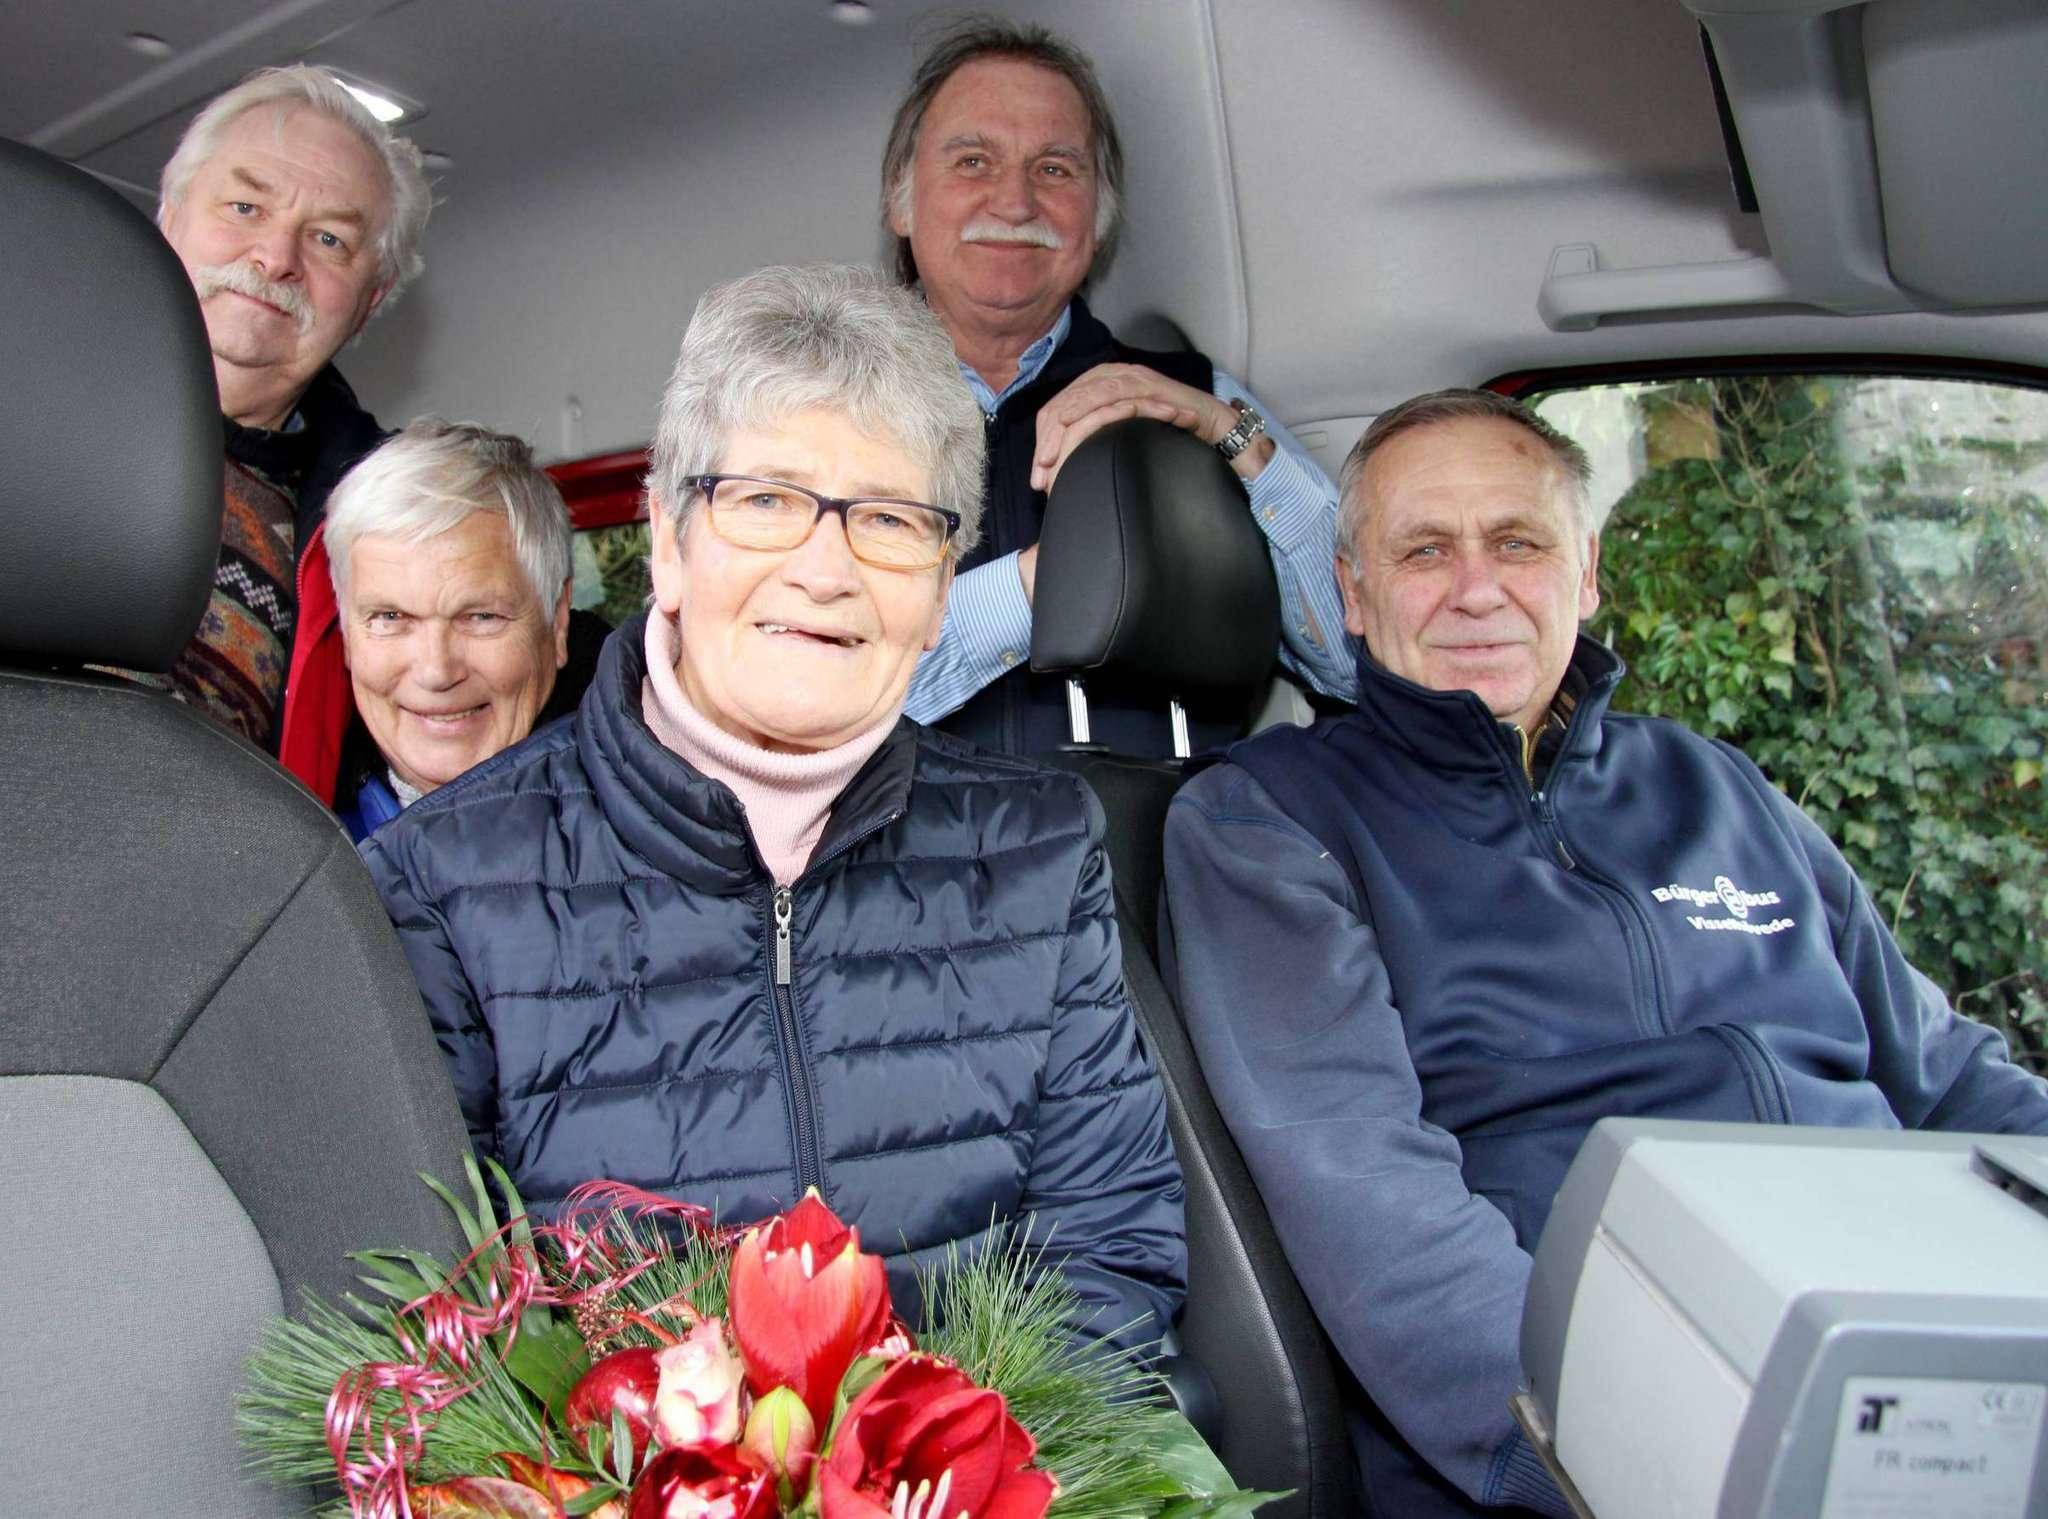 Volker Treiche (von links), Jürgen Wohlberg, Lina Jepsen und Eckhard Langanke empfingen Dieter Jepsen nach dessen letzter Fahrt. Foto: Nina Baucke